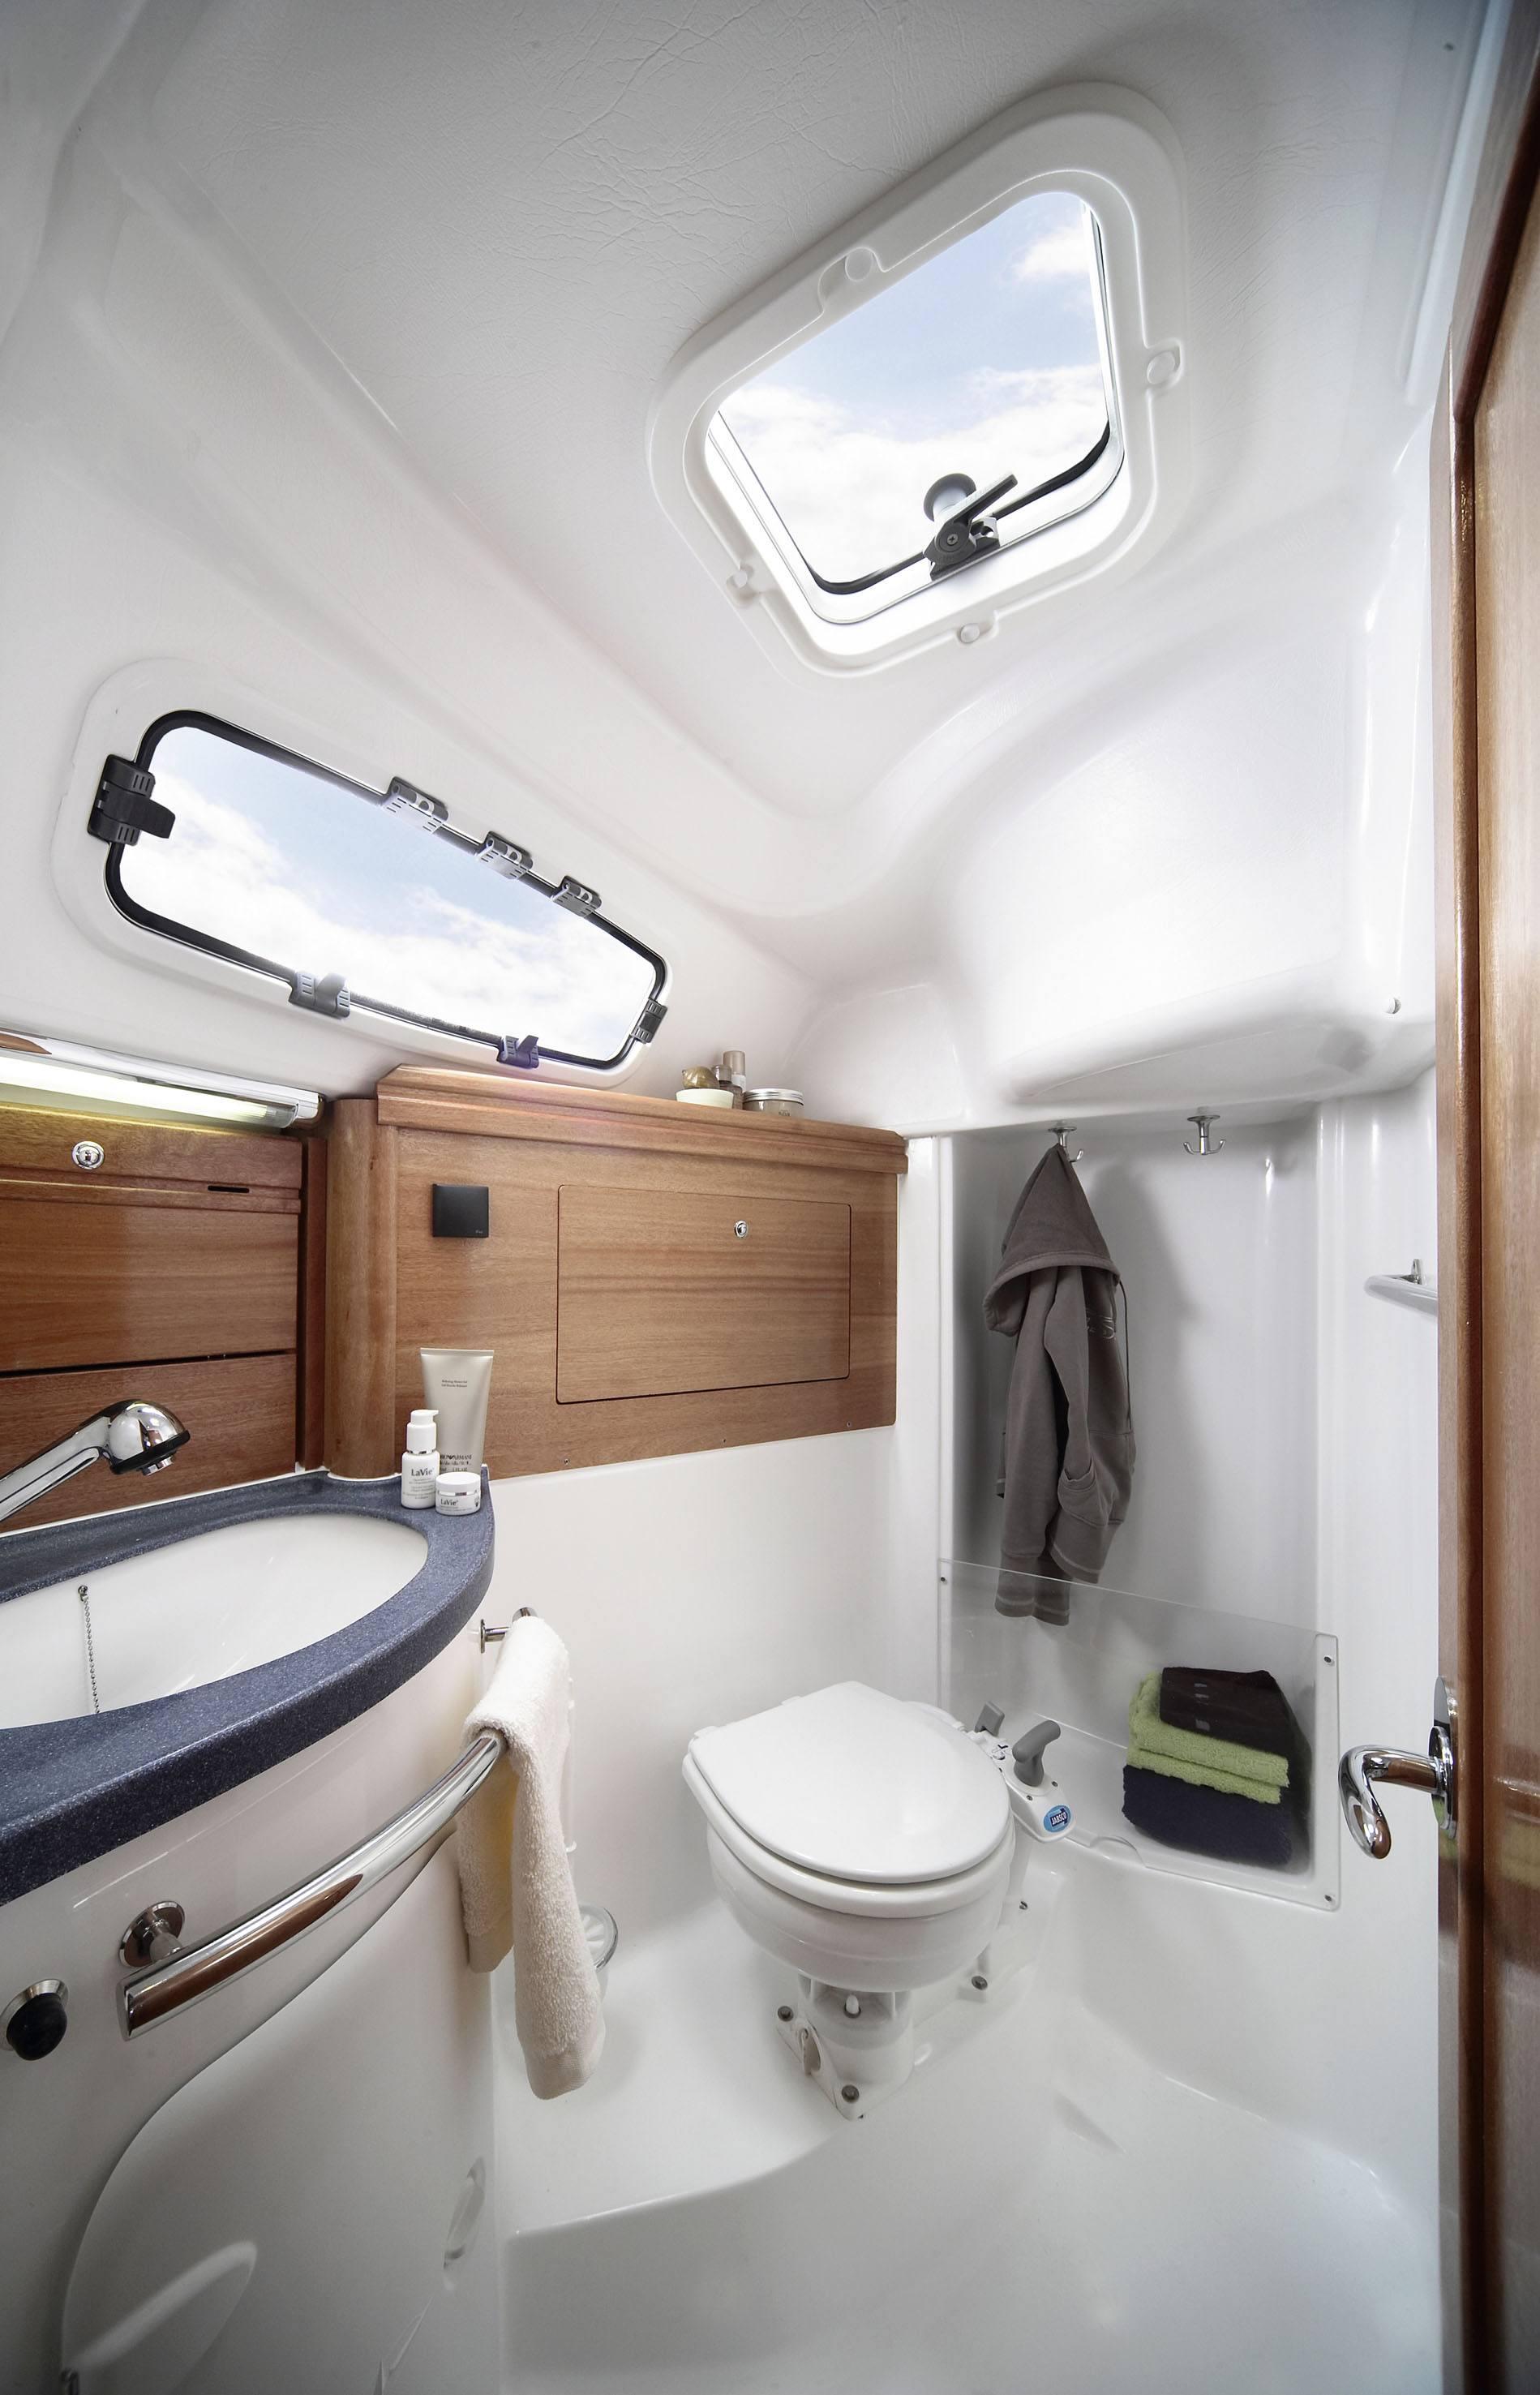 bavaria 31 cruiser nazelle mit toilette dusche - Nasszelle Dusche Wc